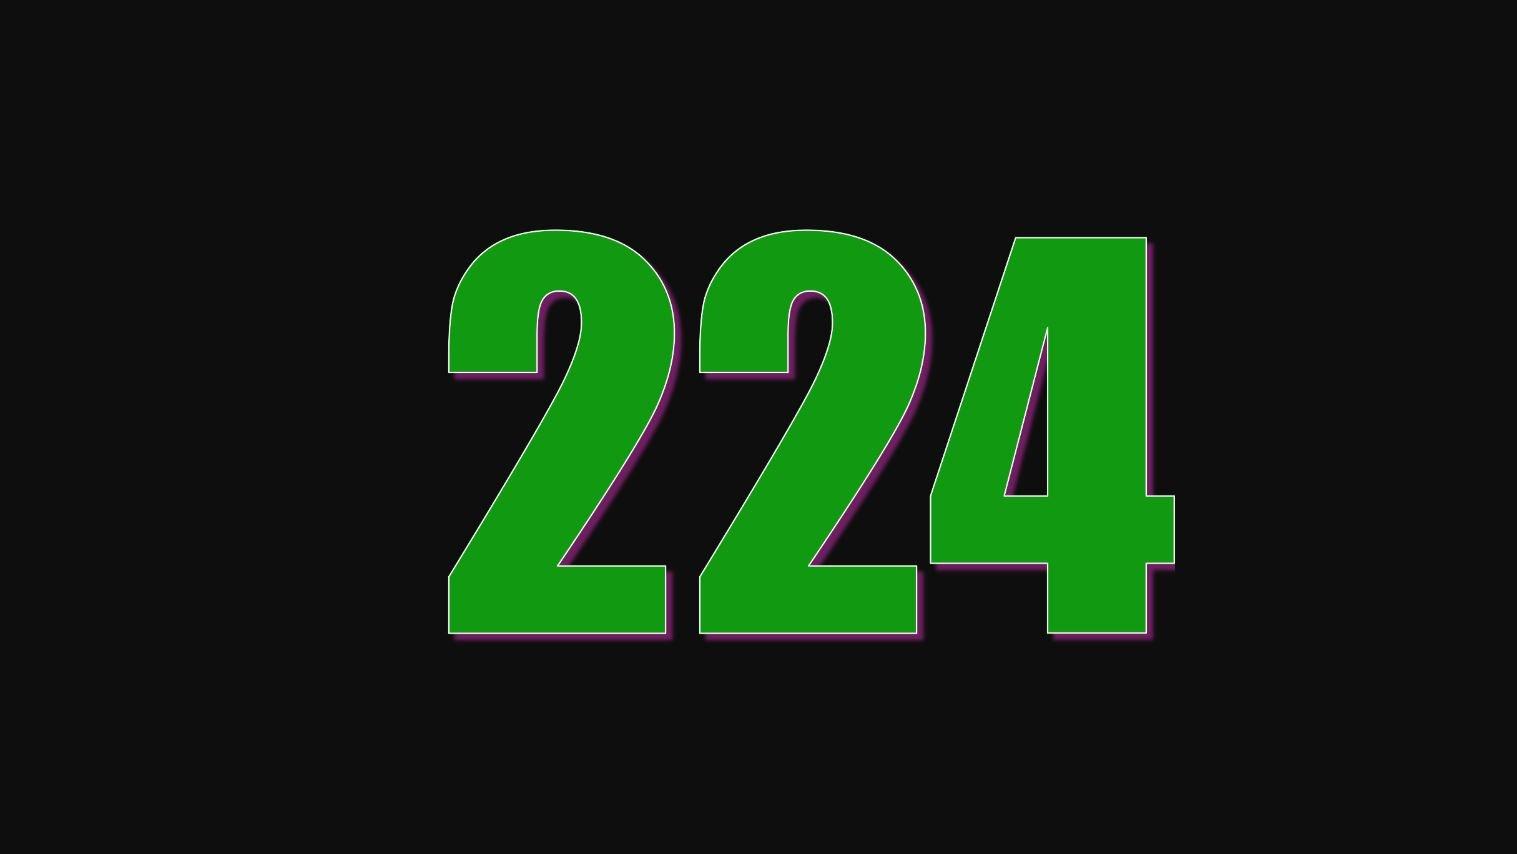 Significado del número 224